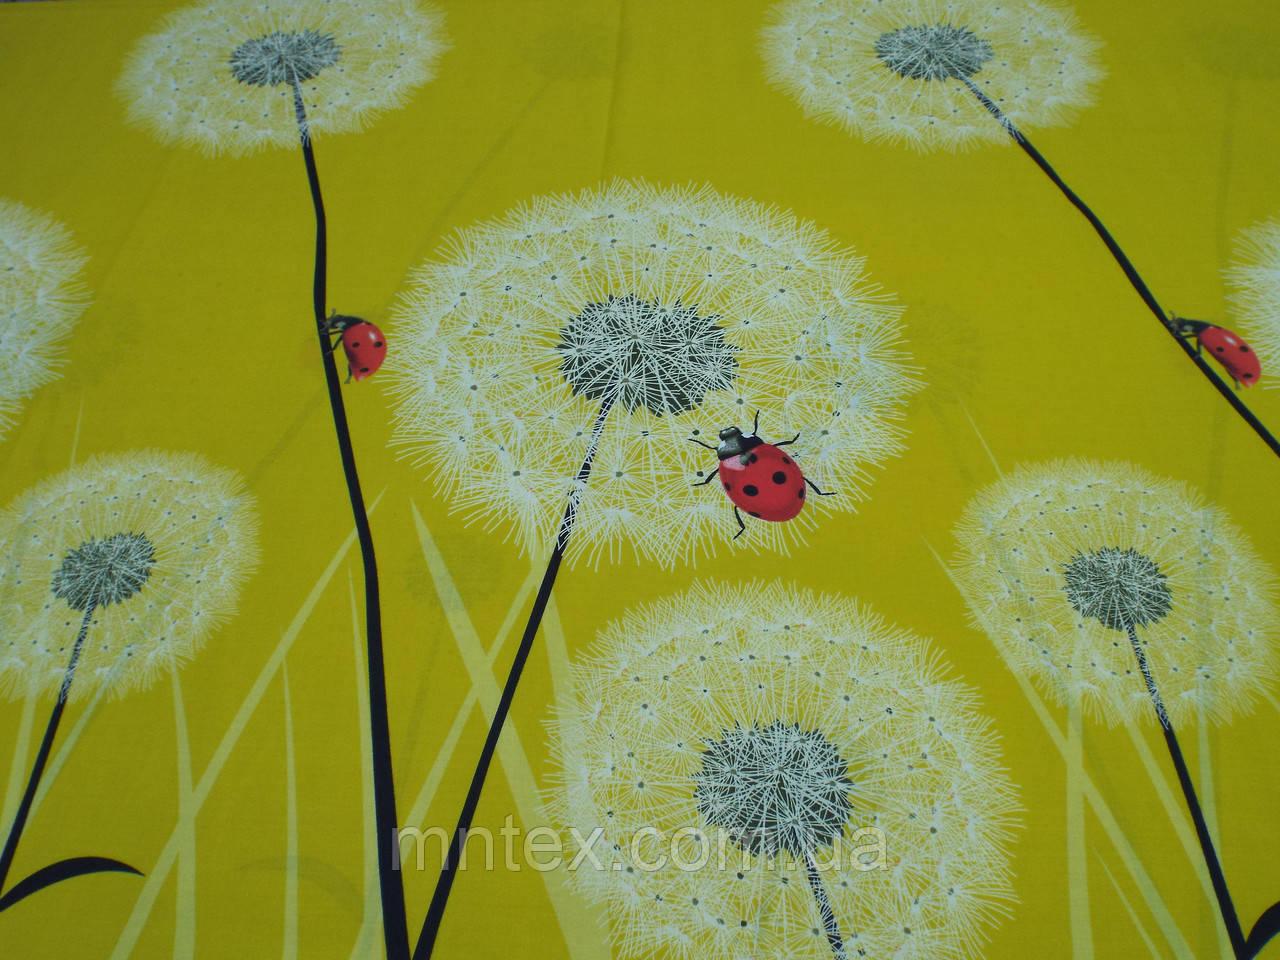 Ткань для пошива постельного белья Ранфорс, Одуваны на желтом